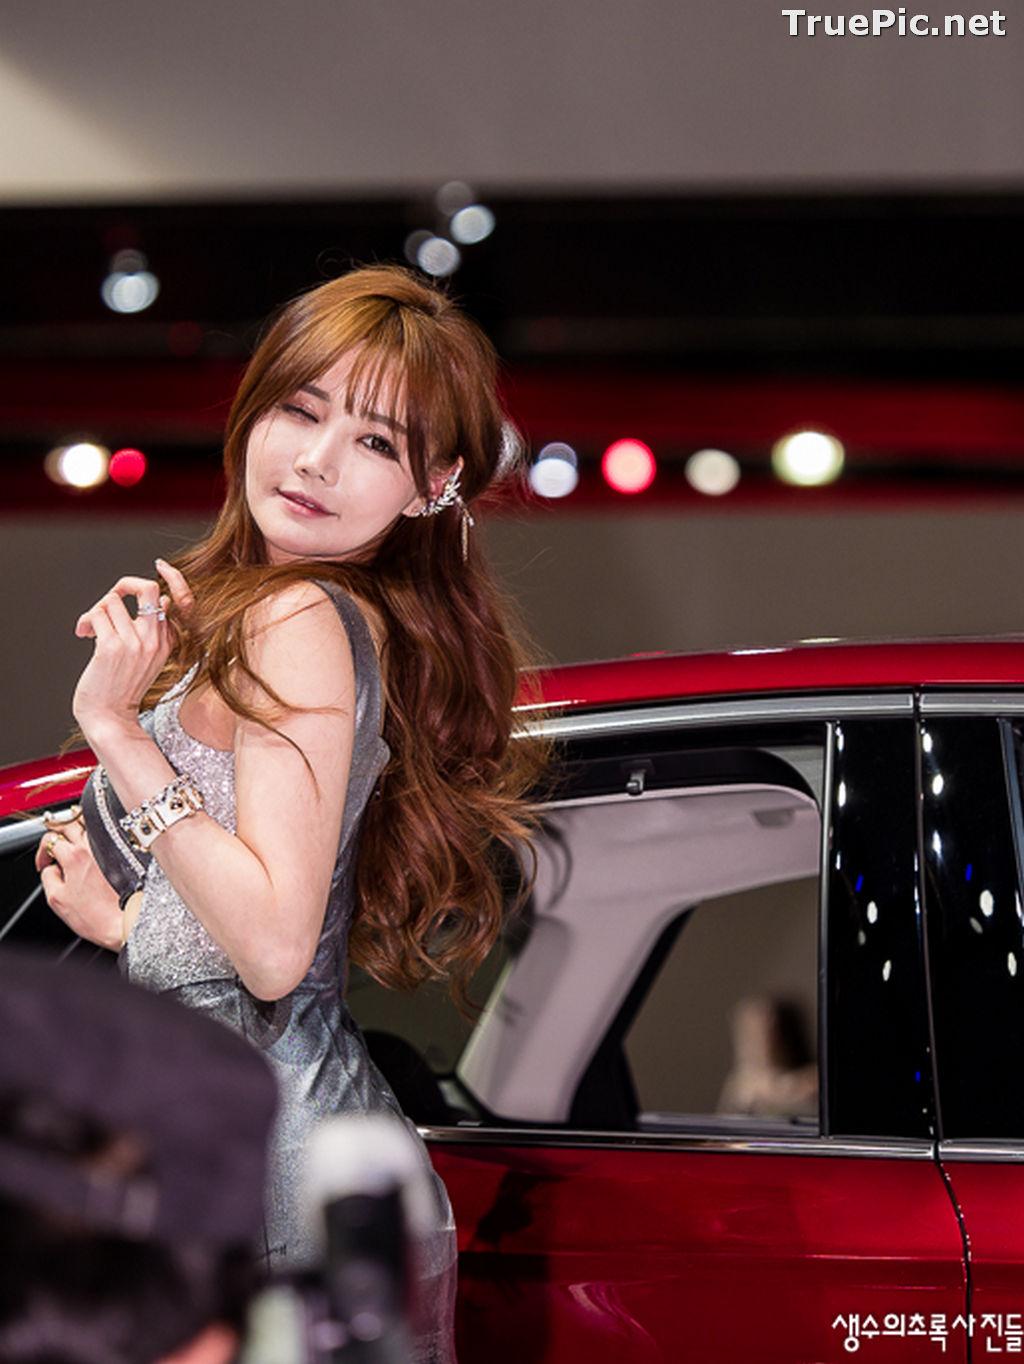 Image Best Beautiful Images Of Korean Racing Queen Han Ga Eun #3 - TruePic.net - Picture-4